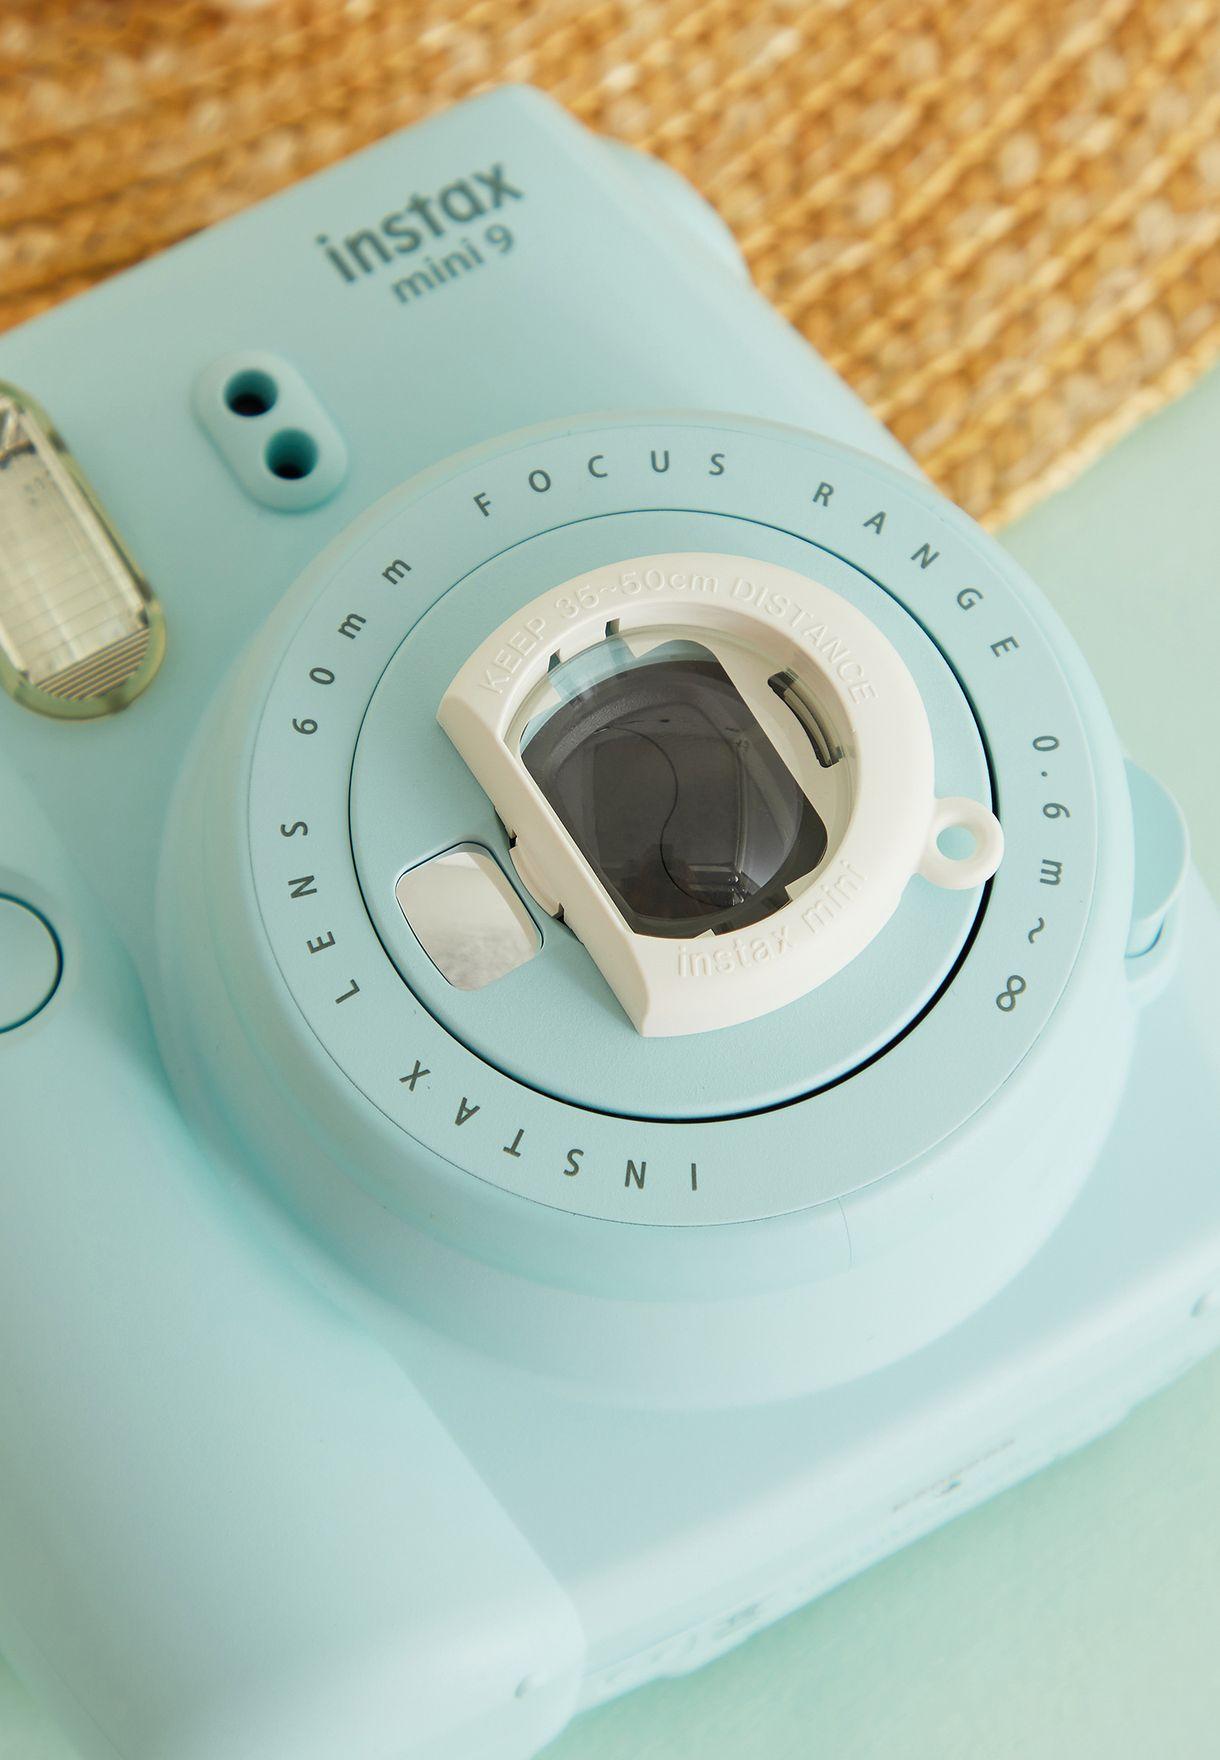 Mini Instax Camera + Instax Mini Film